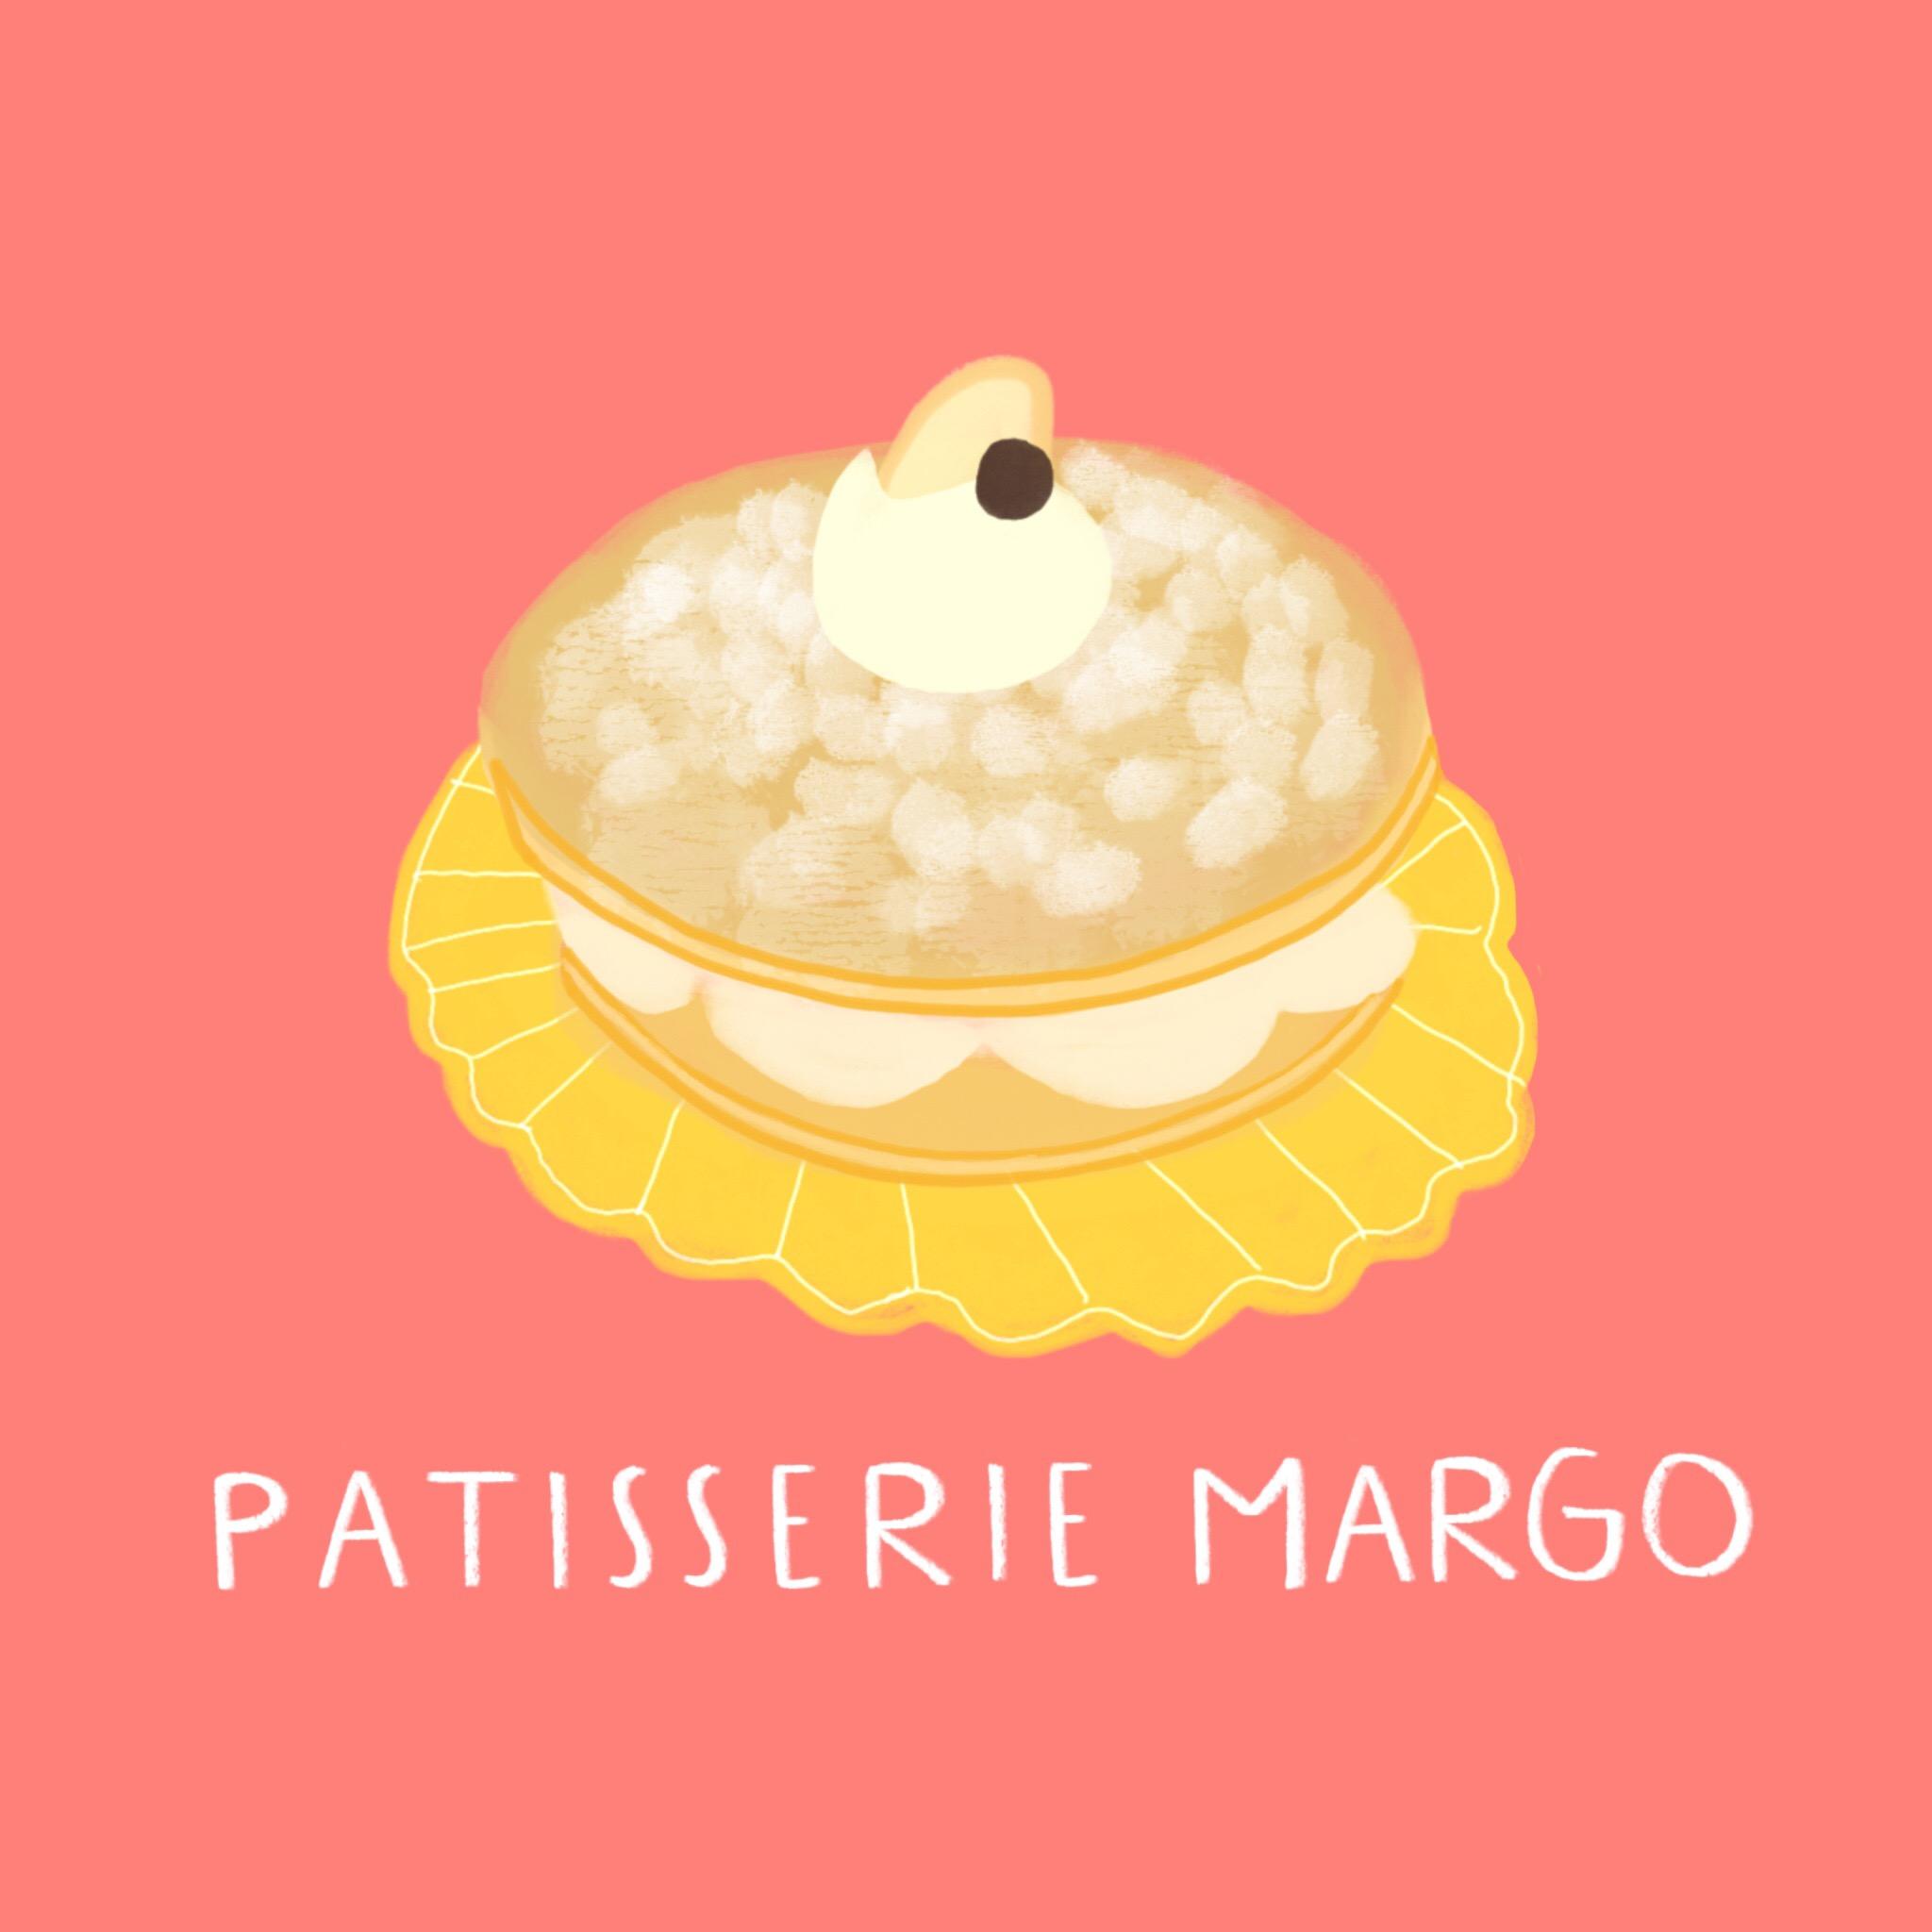 80_-_Patisserie_Margo.jpg